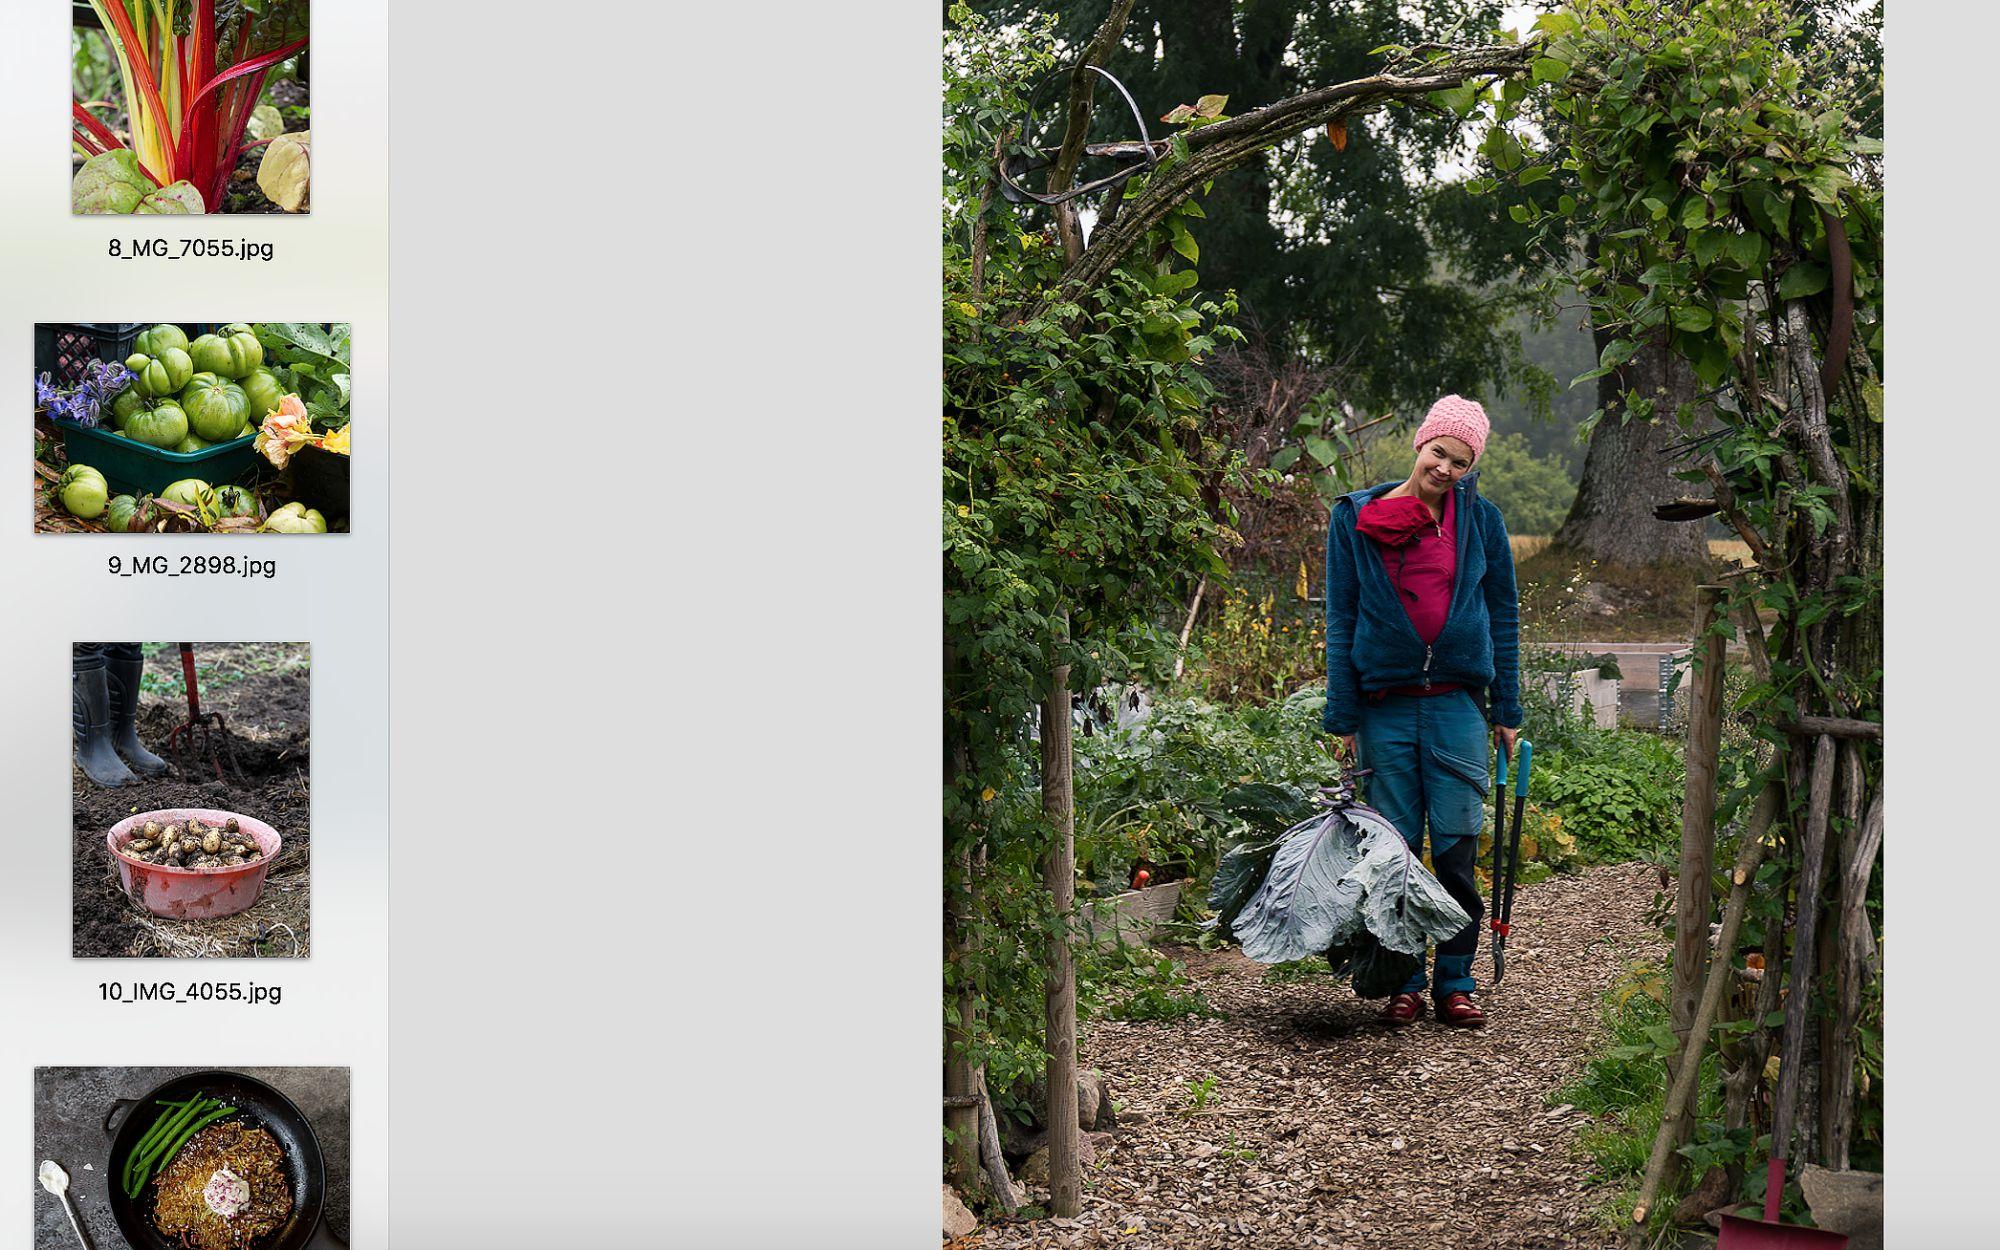 Skärmdump av visningsprogram för bilder.